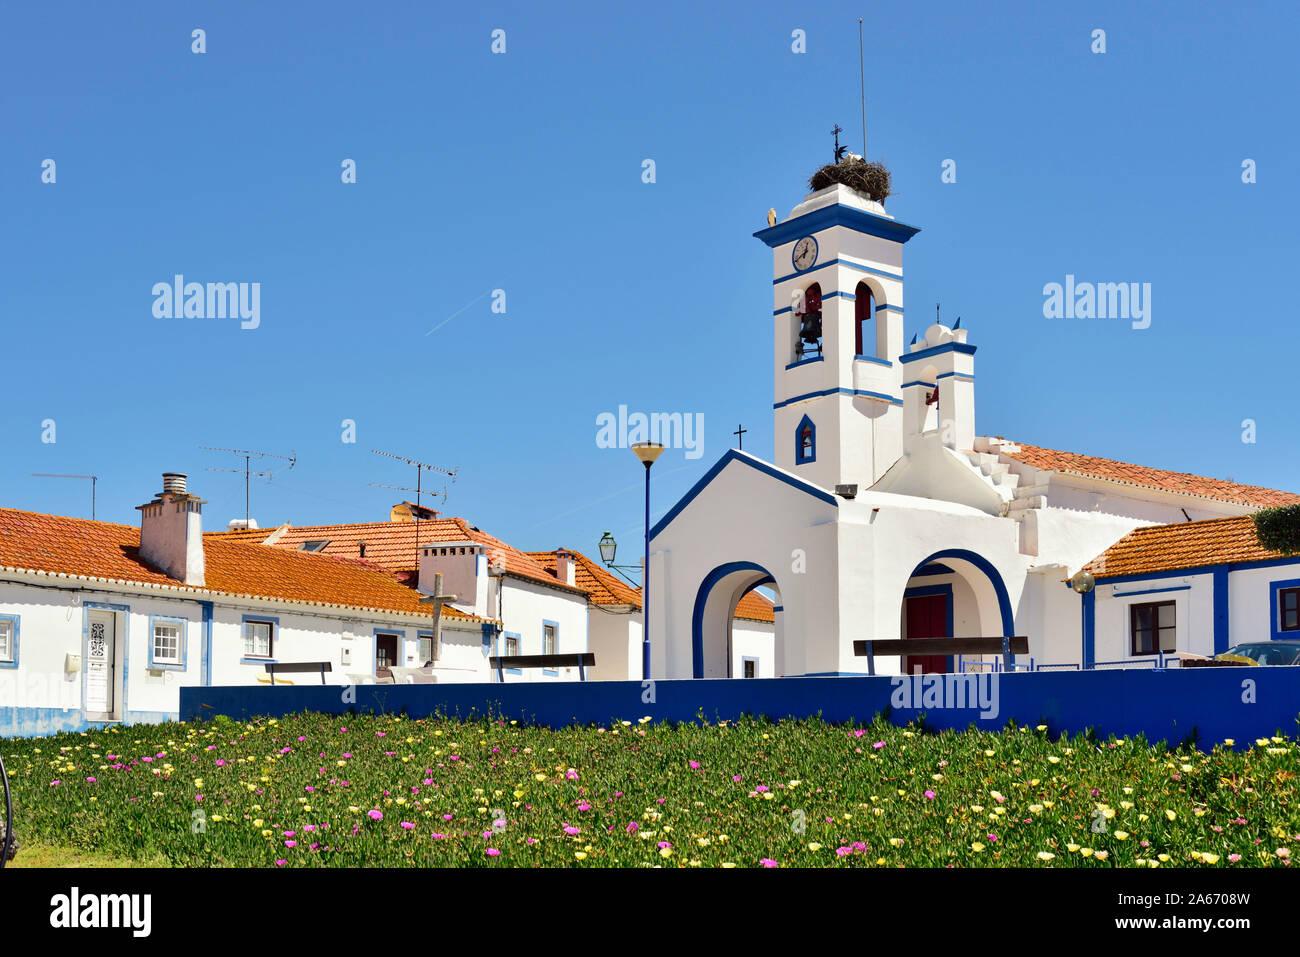 La tradicional aldea de Santa Susana, muy rica en arquitectura tradicional con casas pintadas de blanco y azul fuerte que rodean las ventanas y puertas. Alentejo, Portugal Foto de stock